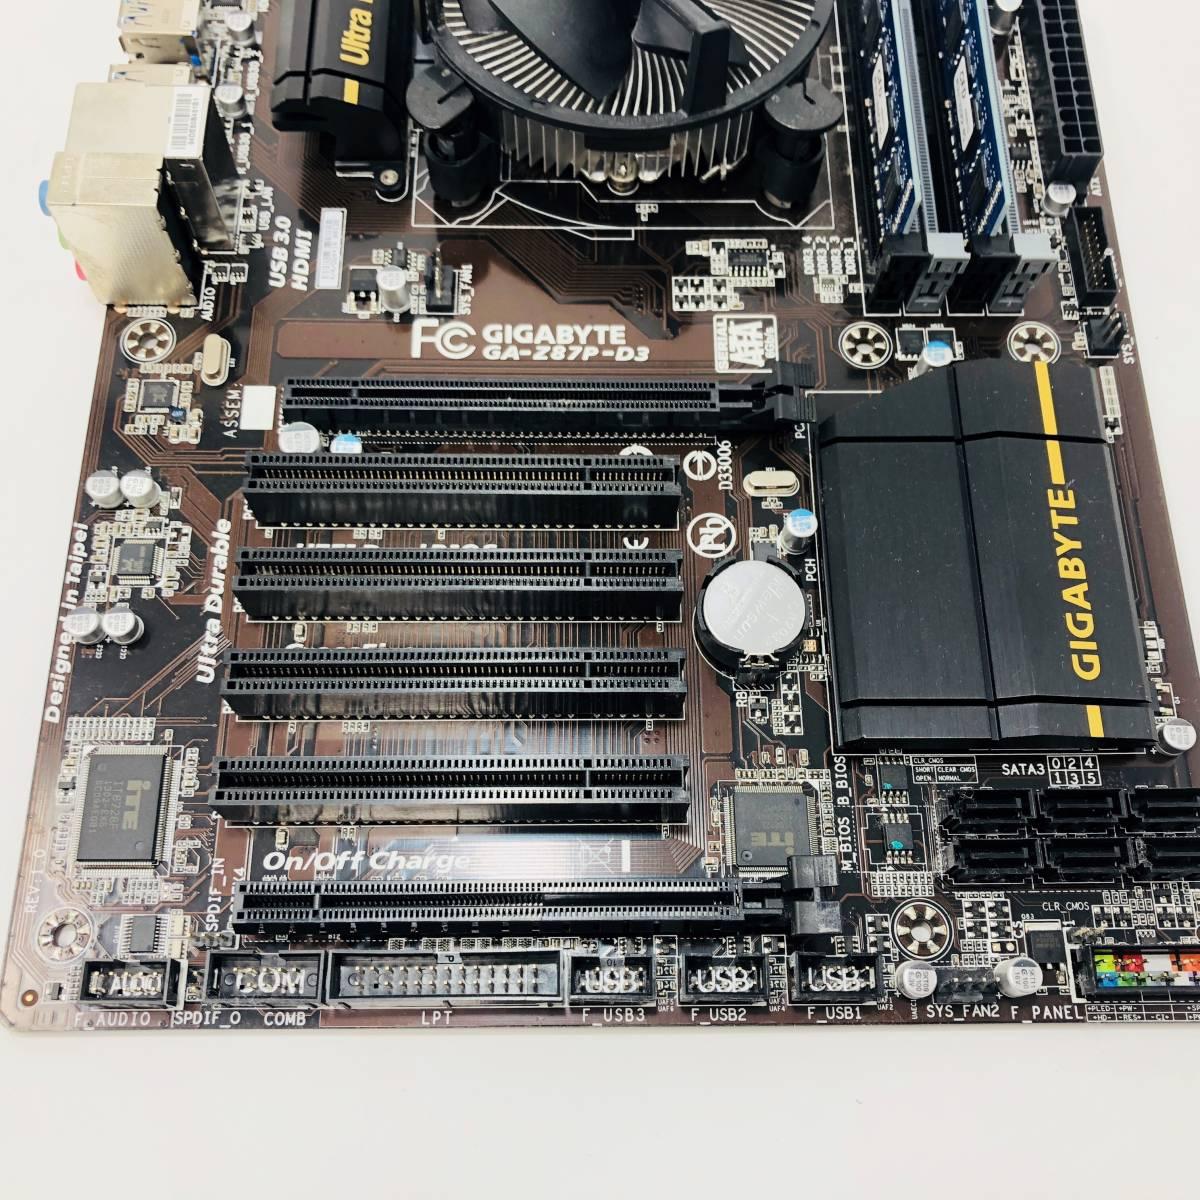 ★1円スタート!! 中古自作パーツセット BIOS起動OK 第4世代 Core i37 4770 3.4GHz DDR3 4GB ×2 GIGABYTE Z87_画像4